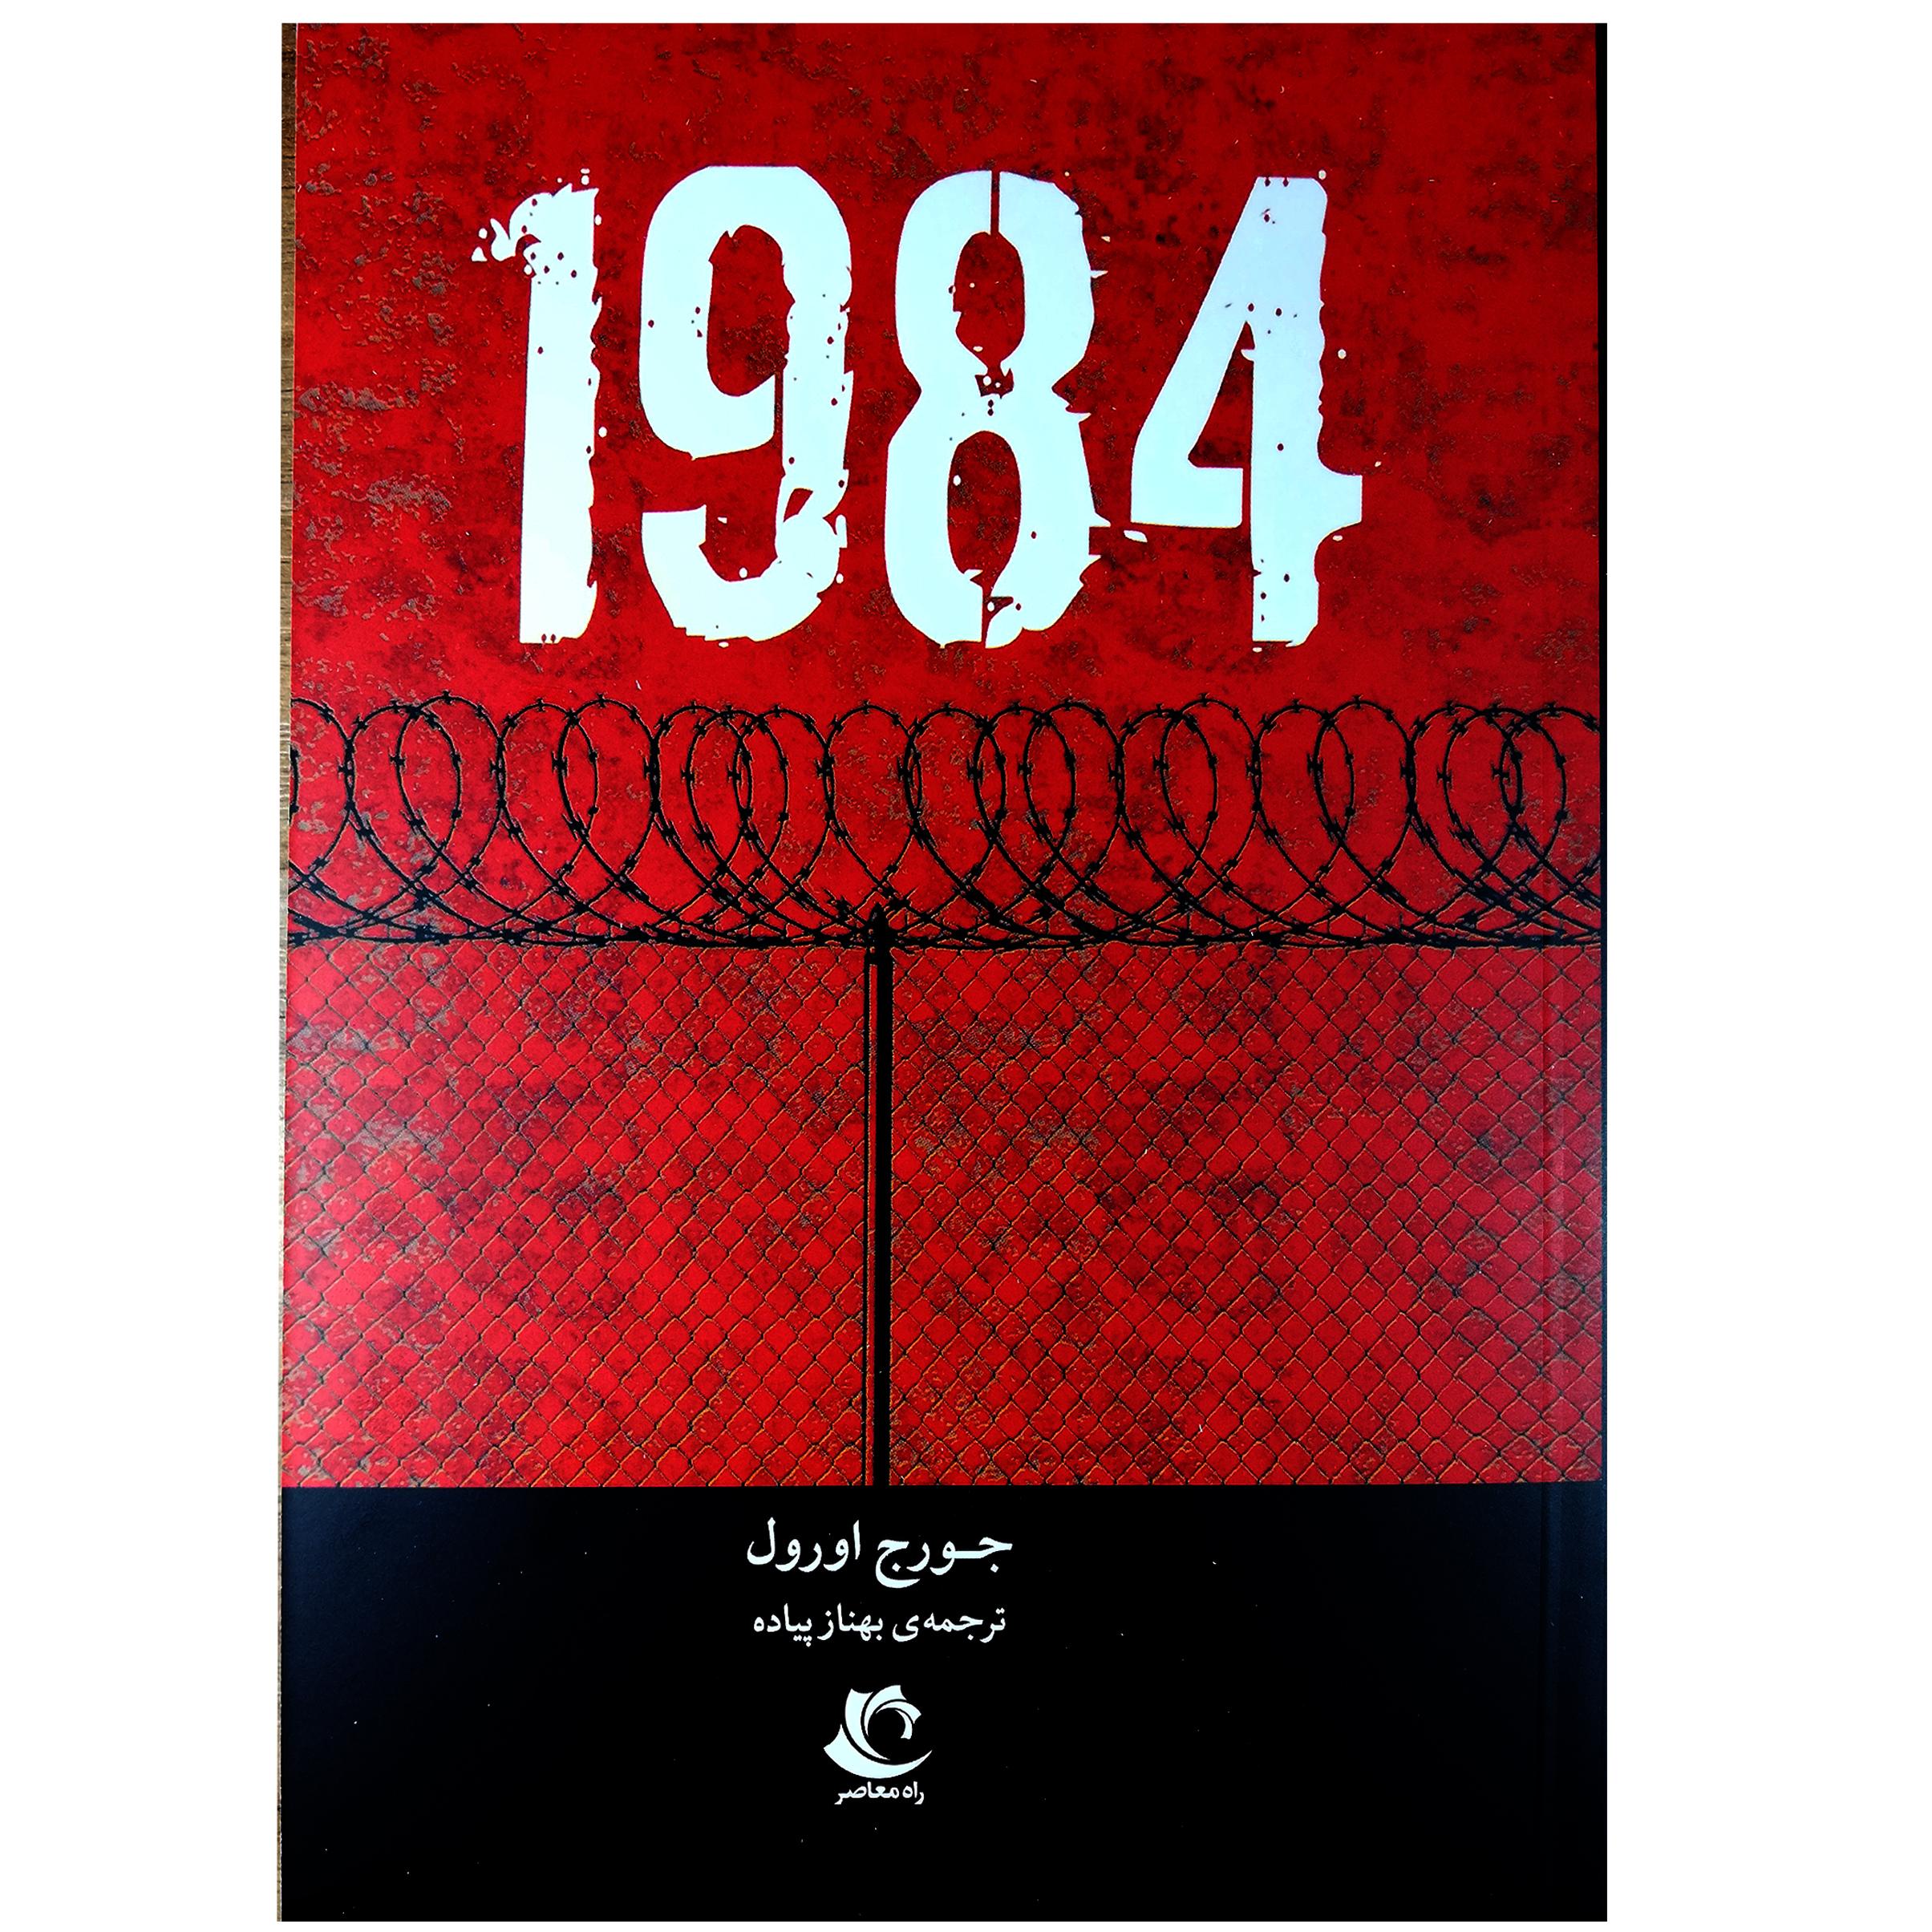 کتاب 1984 اثر جورج اورول انتشارات راه معاصر